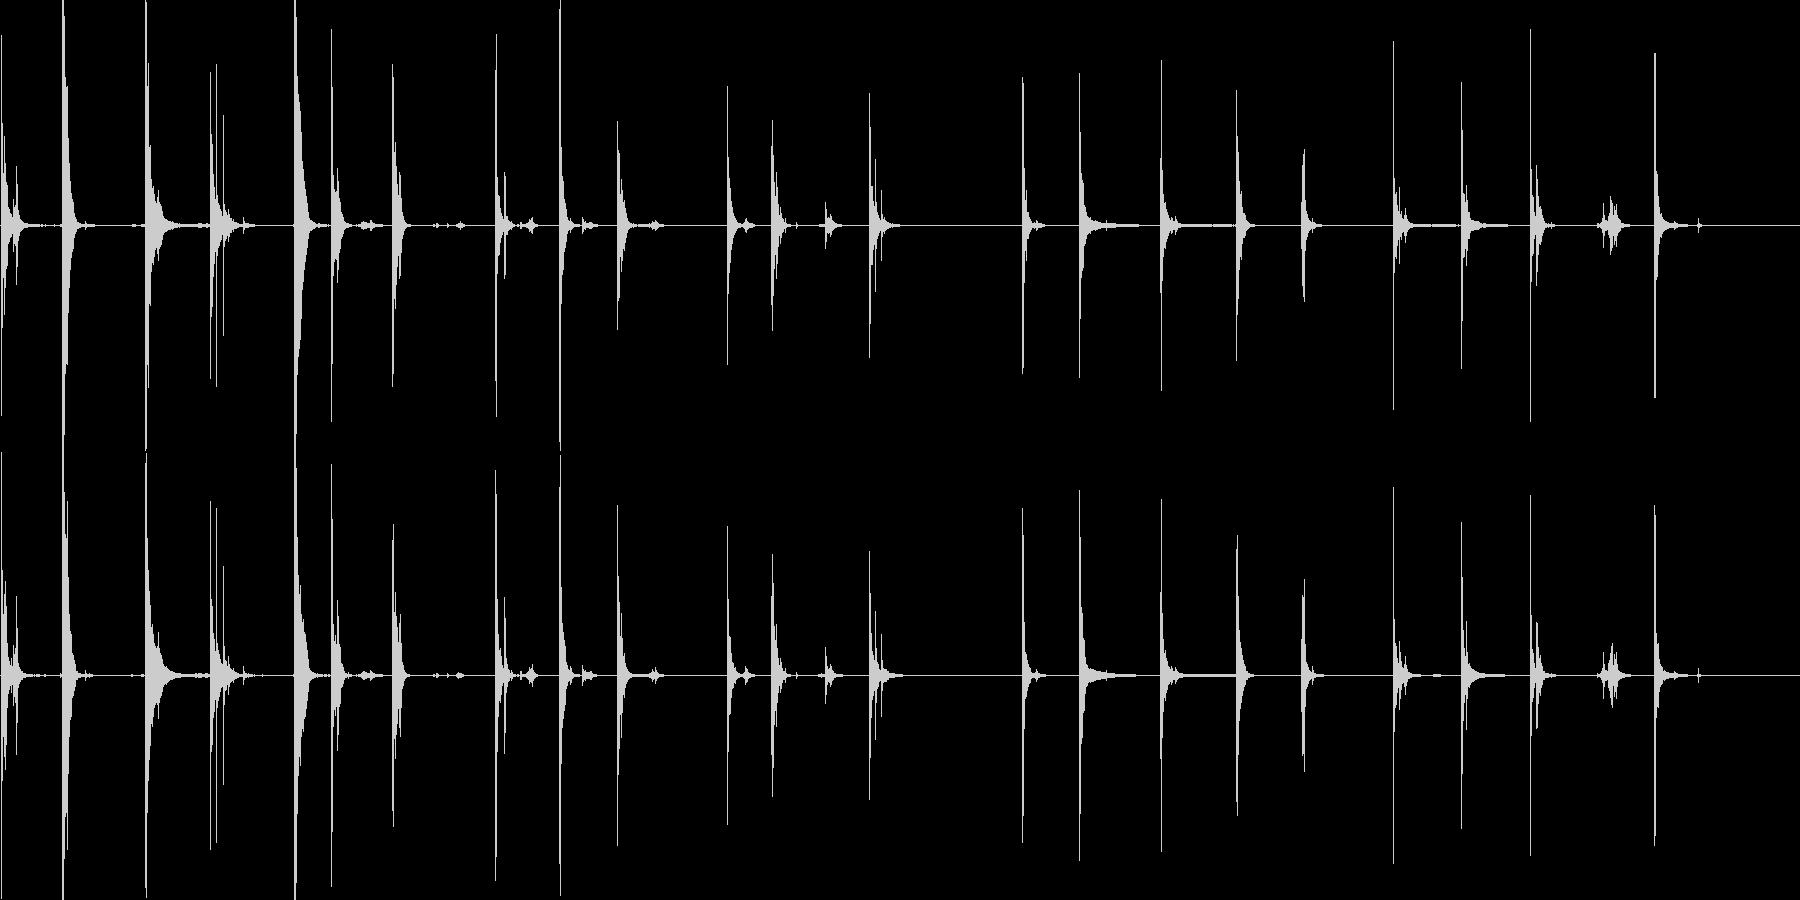 二人のライトセイバー剣バトルの未再生の波形